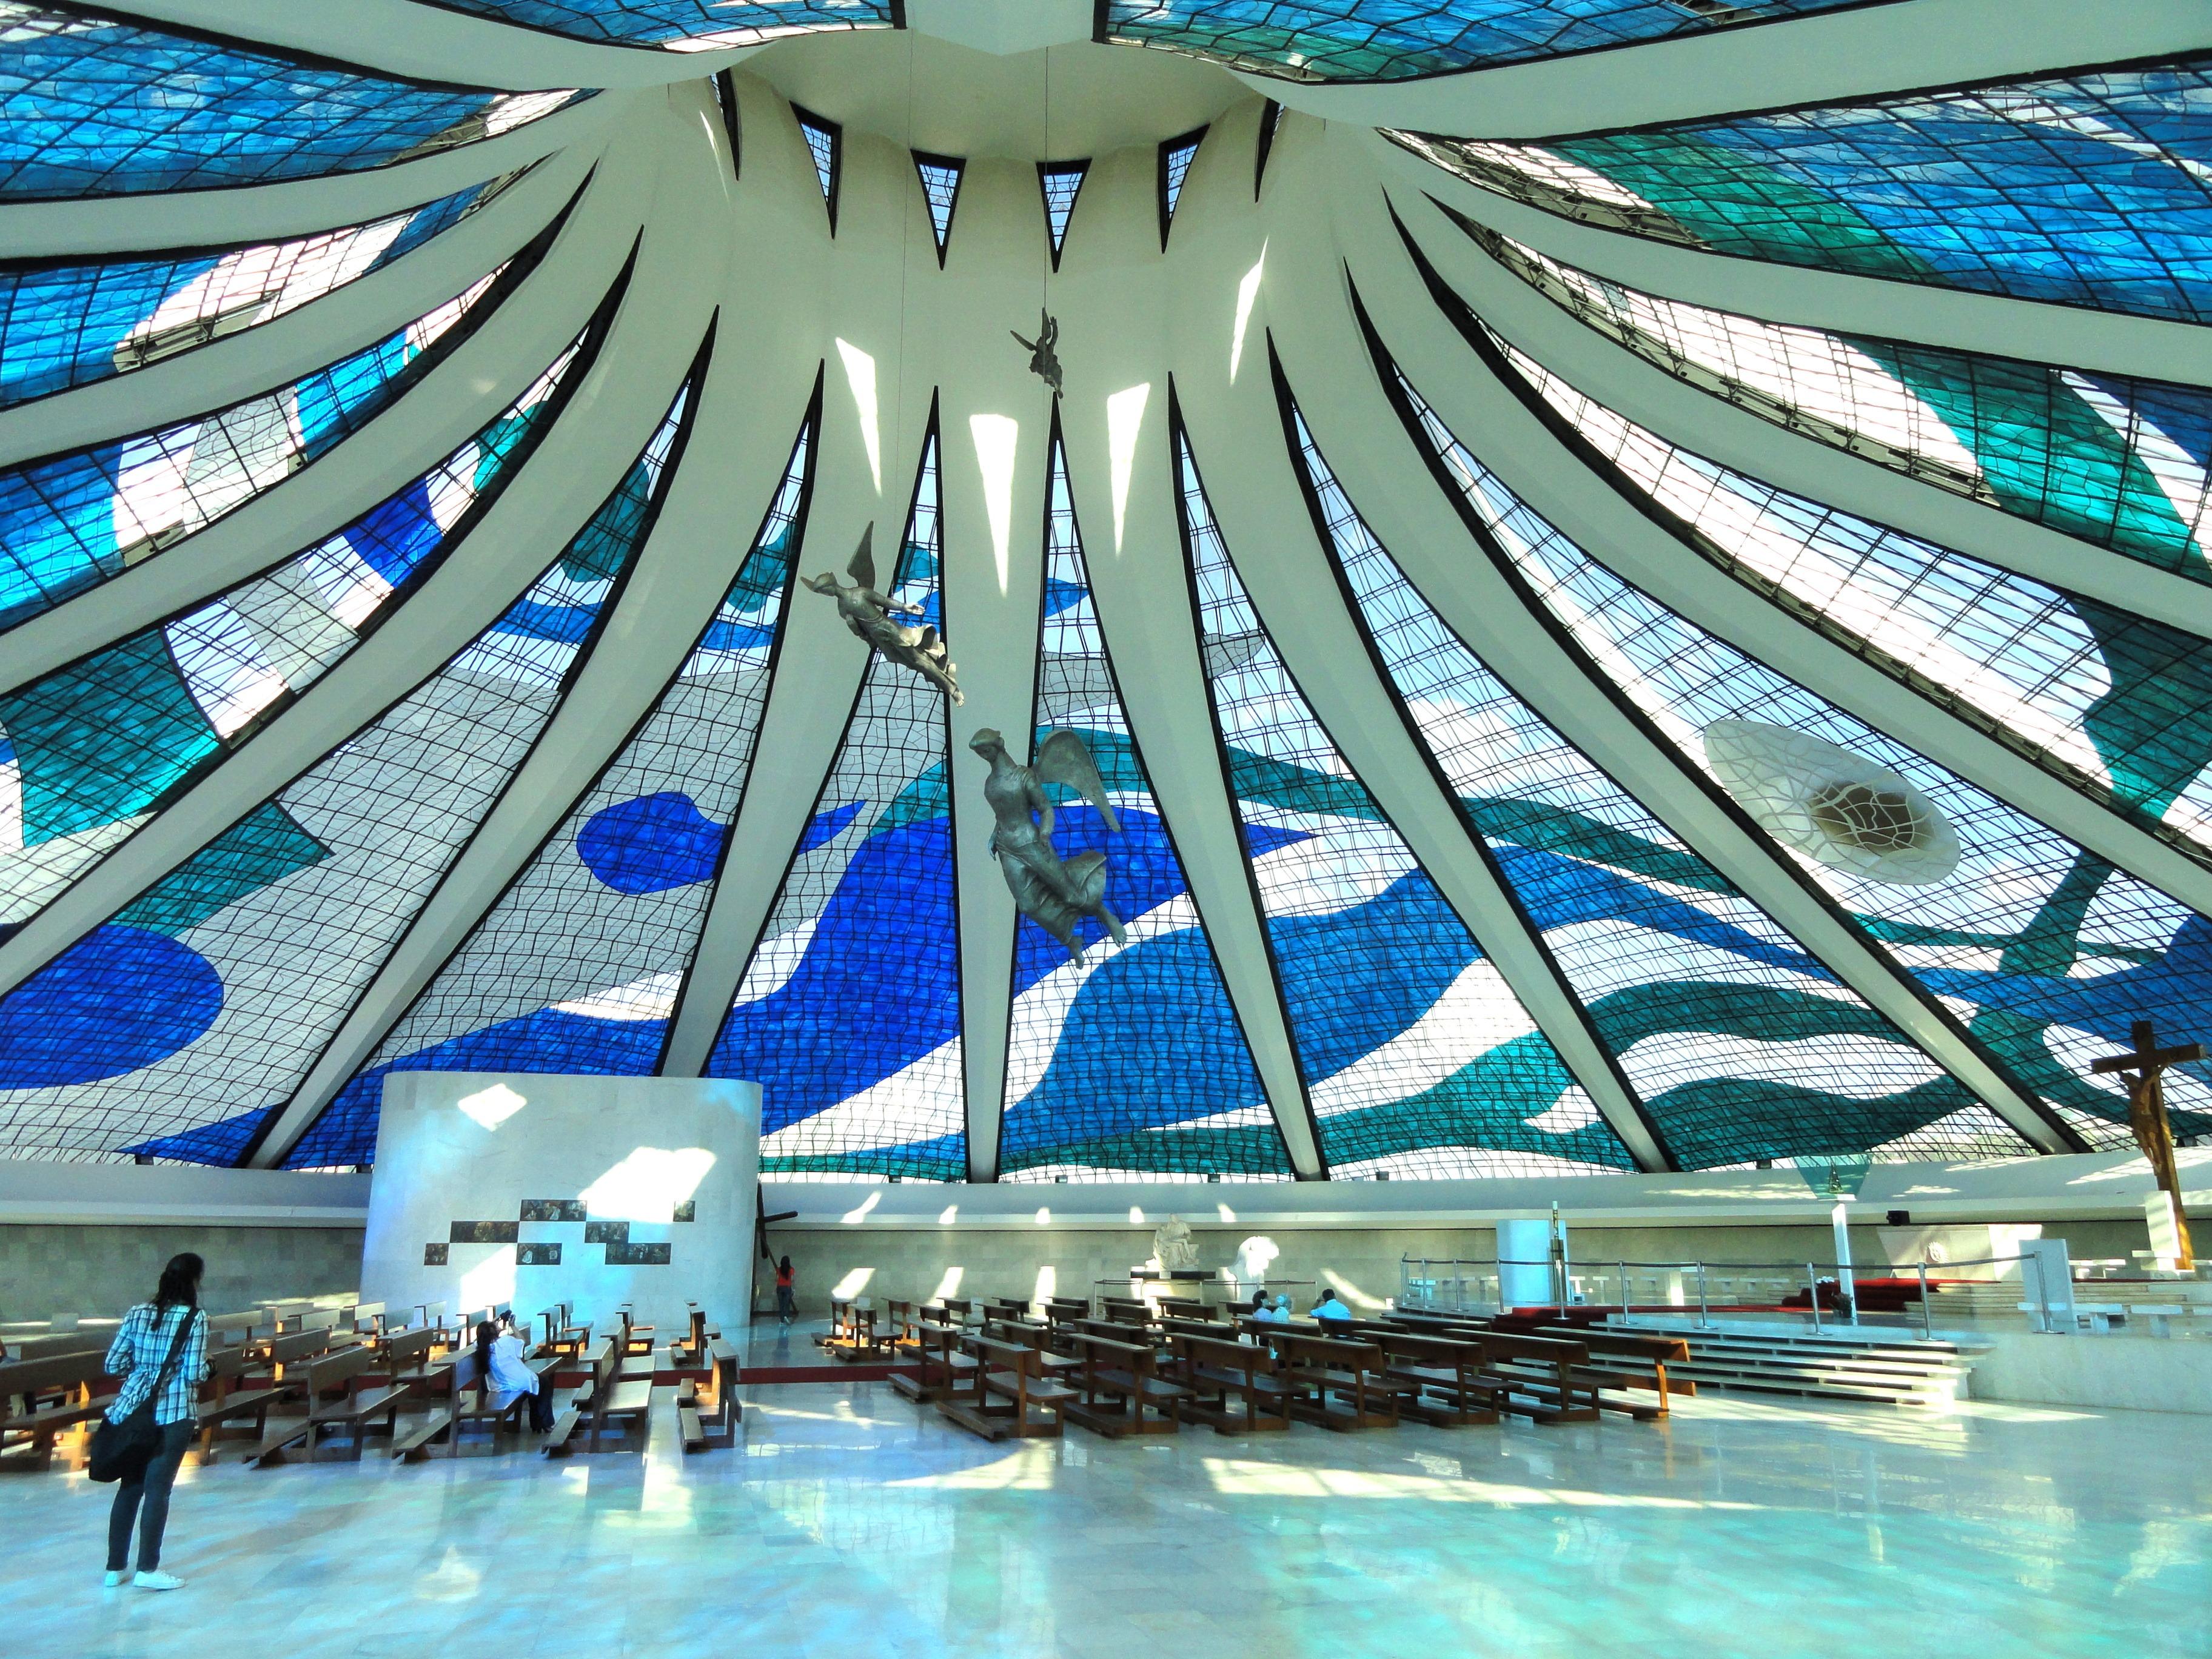 architectuur structuur mensen interieur gebouw zwembad artistiek kerk kathedraal vrije tijd decor stadion kunst symmetrie mooi